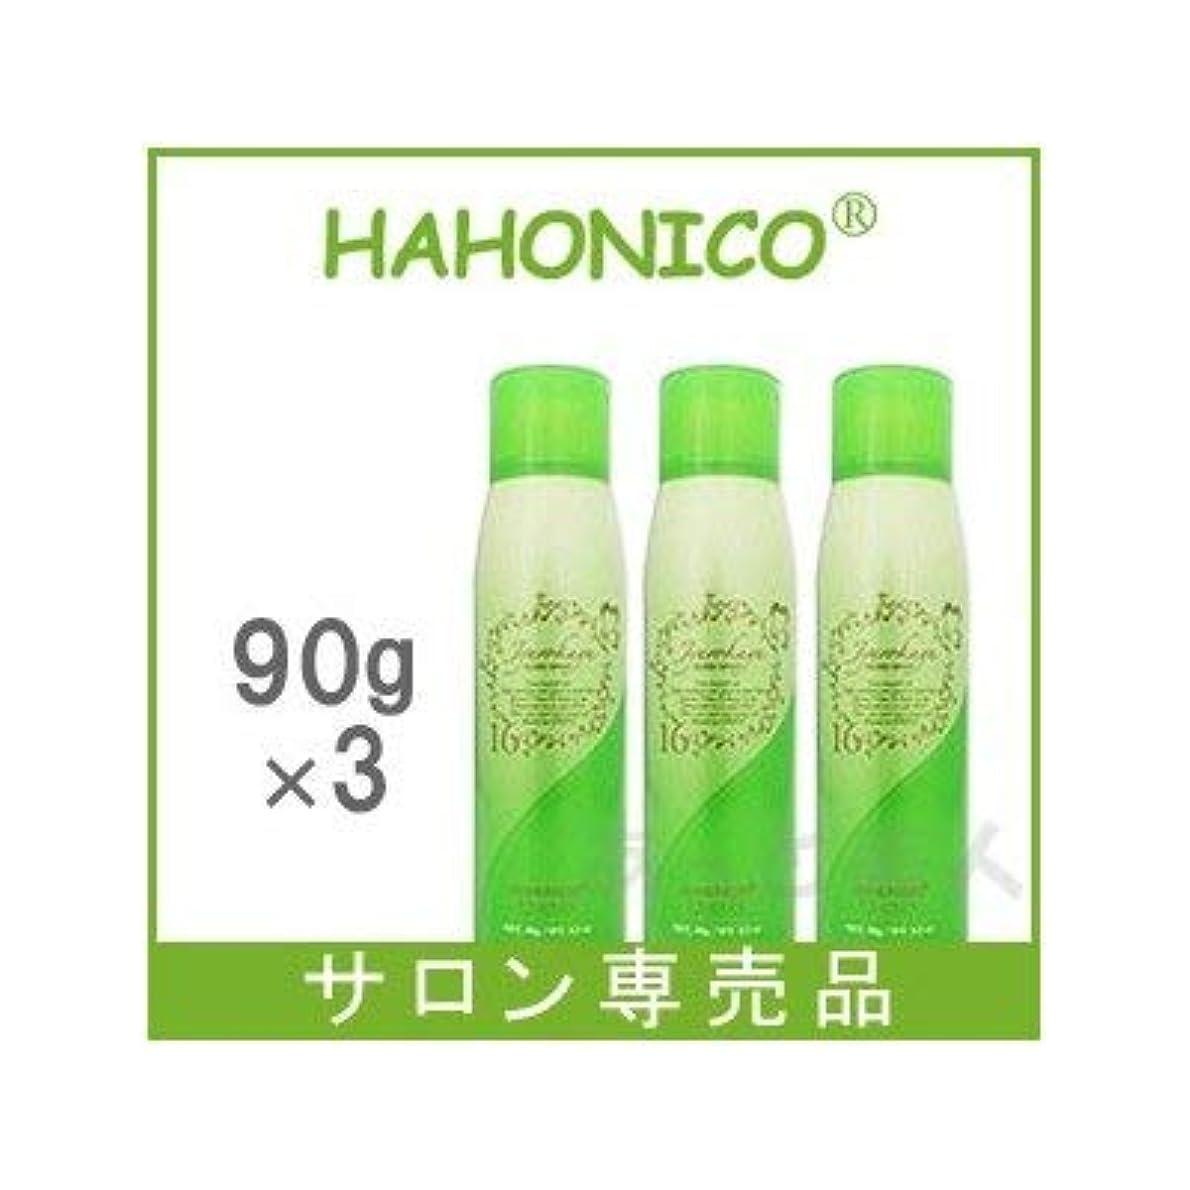 炭素の前で前任者【X3個セット】 ハホニコ ジュウロクユ ツヤスプレー 90g 十六油 HAHONICO